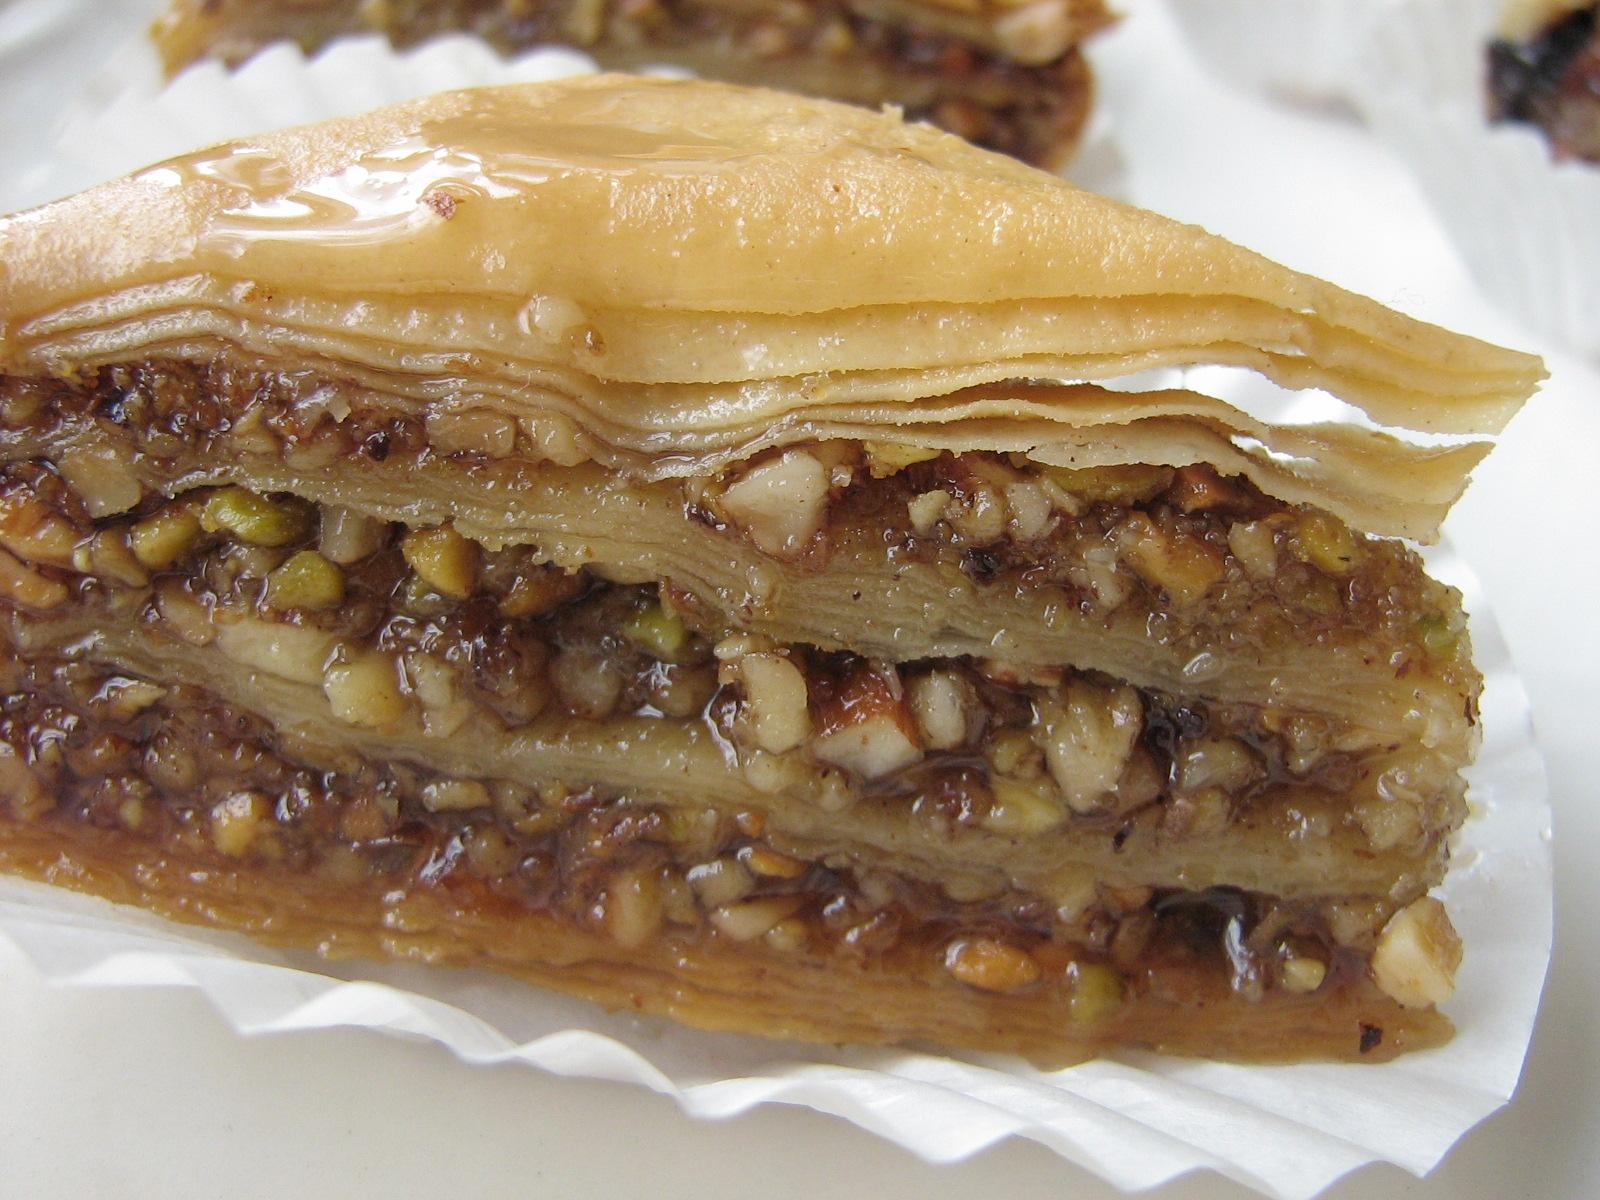 Greek Cheese Cake Recipes